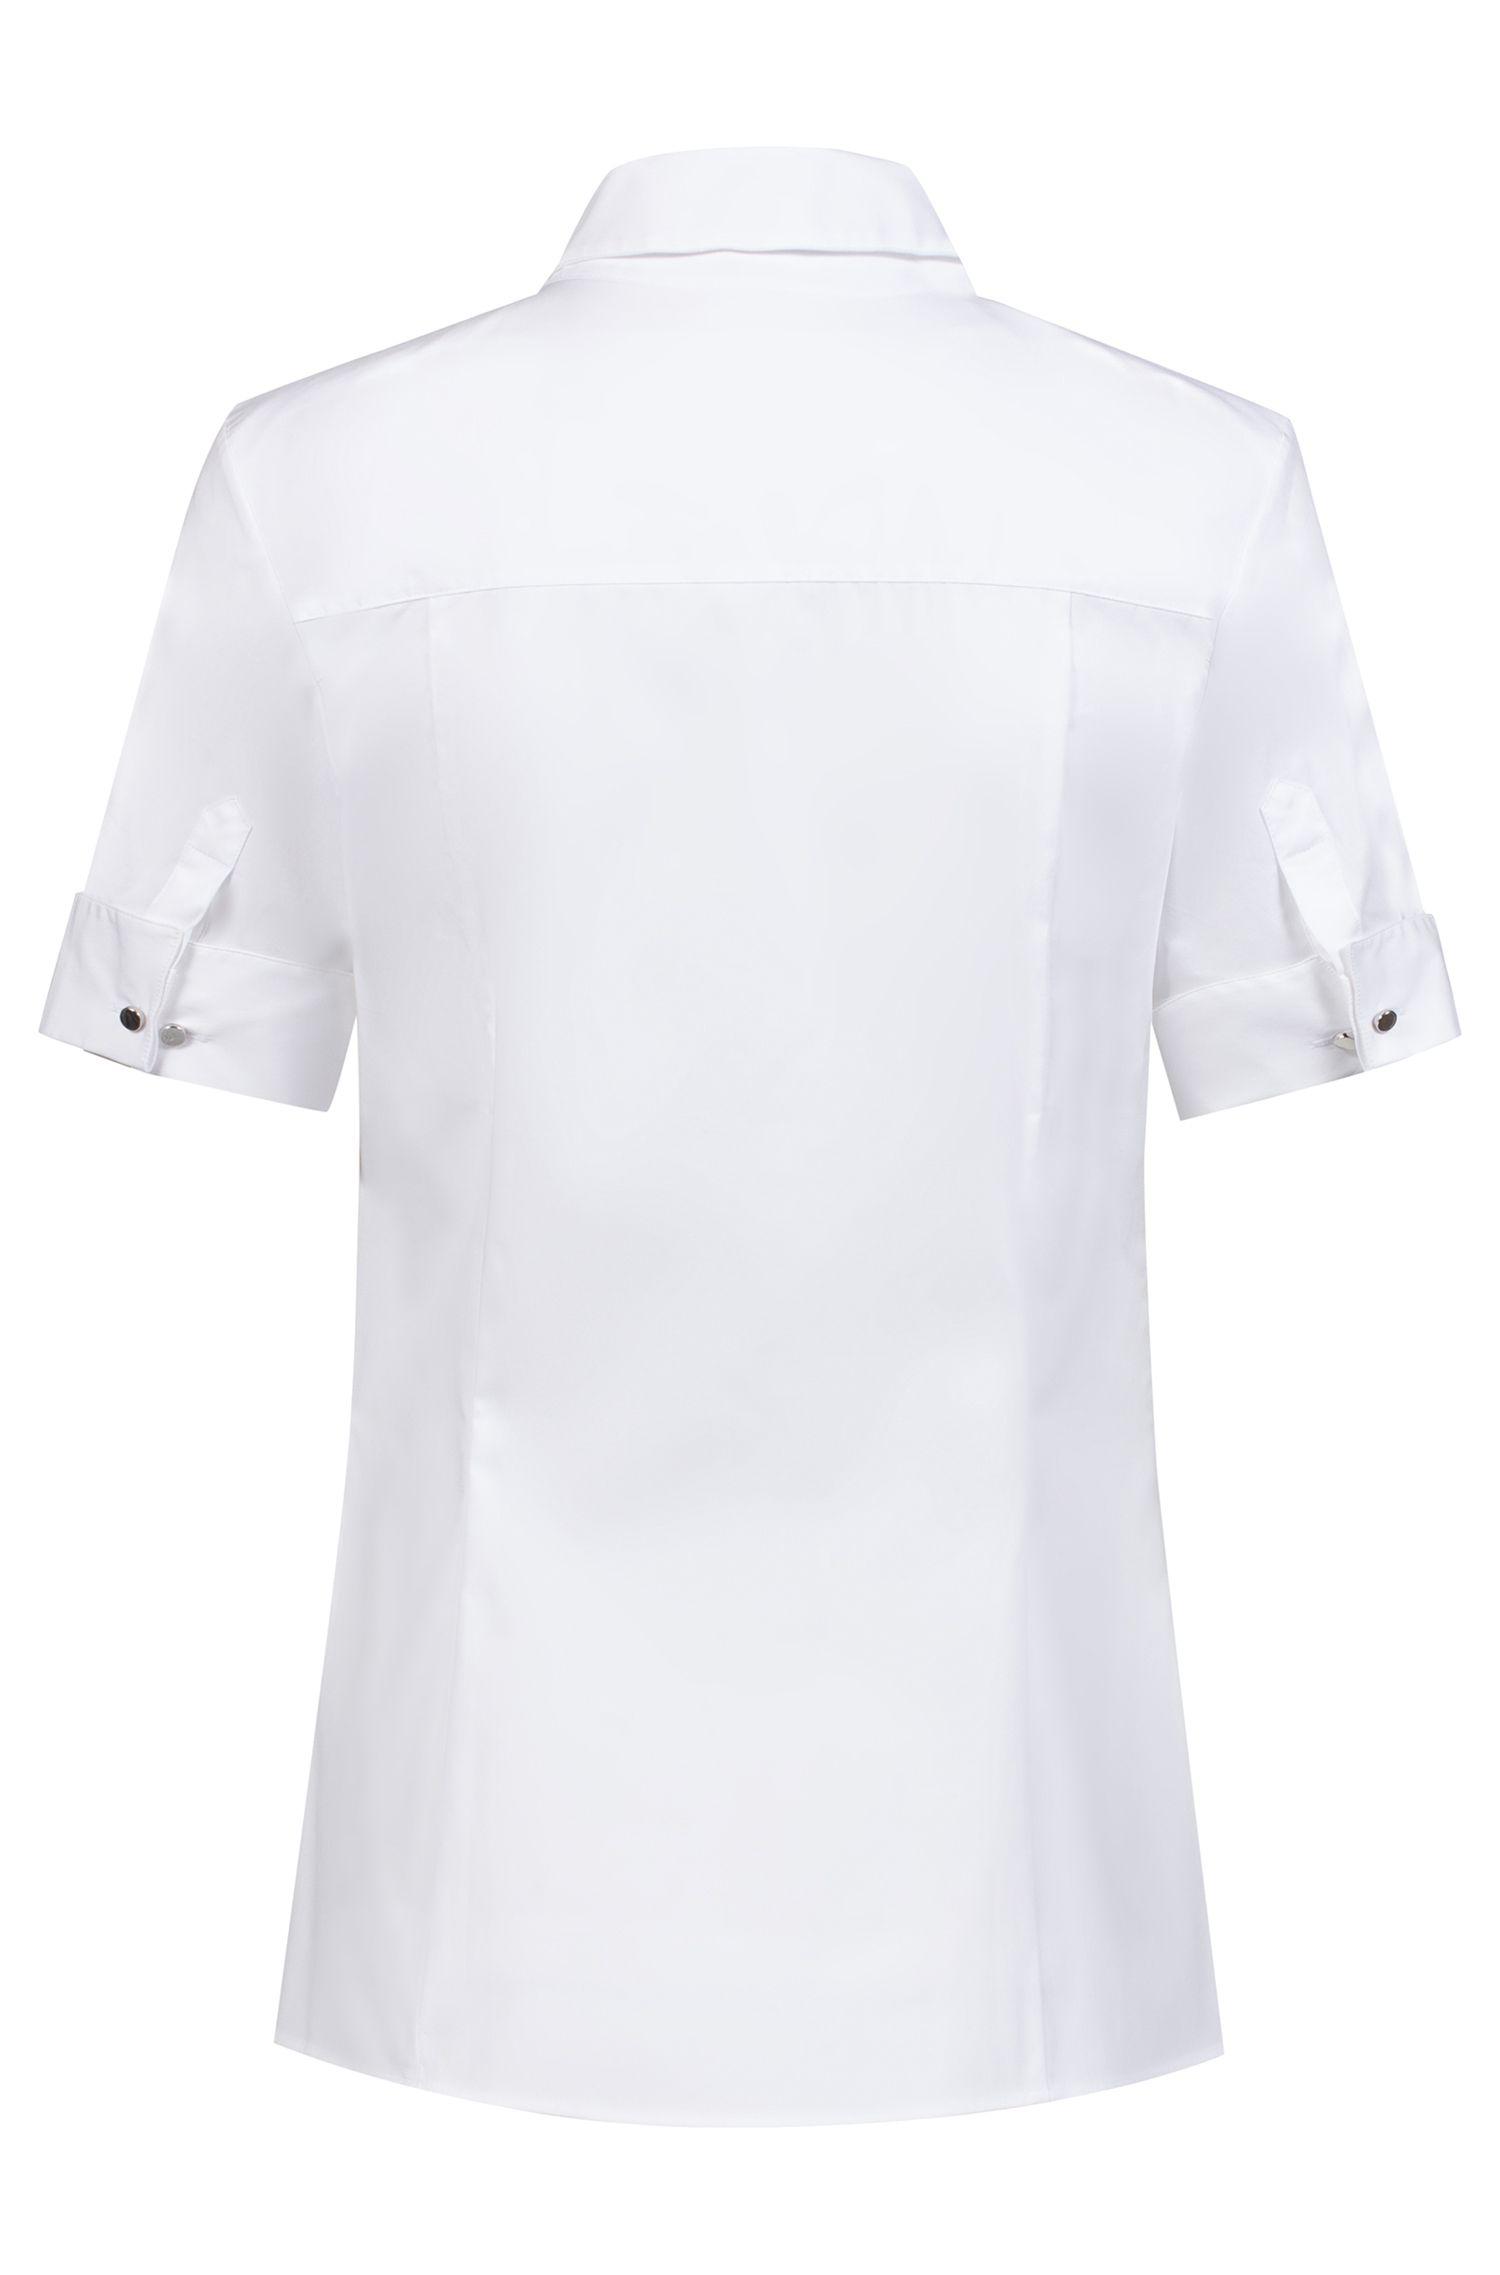 Slim-Fit Kurzarm-Bluse mit geknöpften Manschetten, Weiß